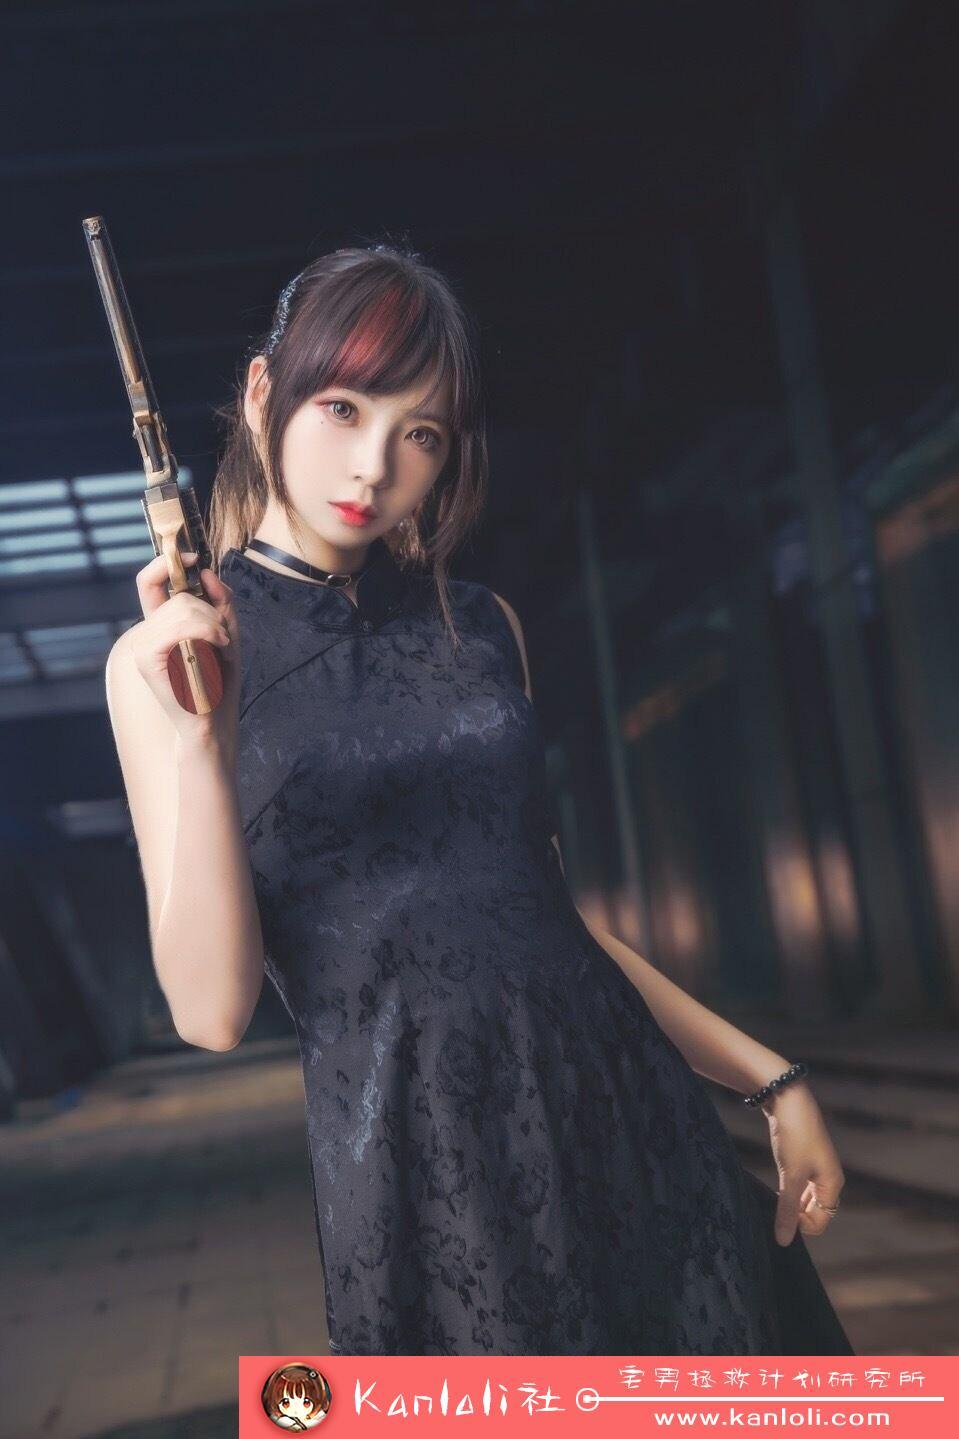 【疯猫ss】疯猫ss写真-FM-003 超酷旗袍左轮cosplay [8P]